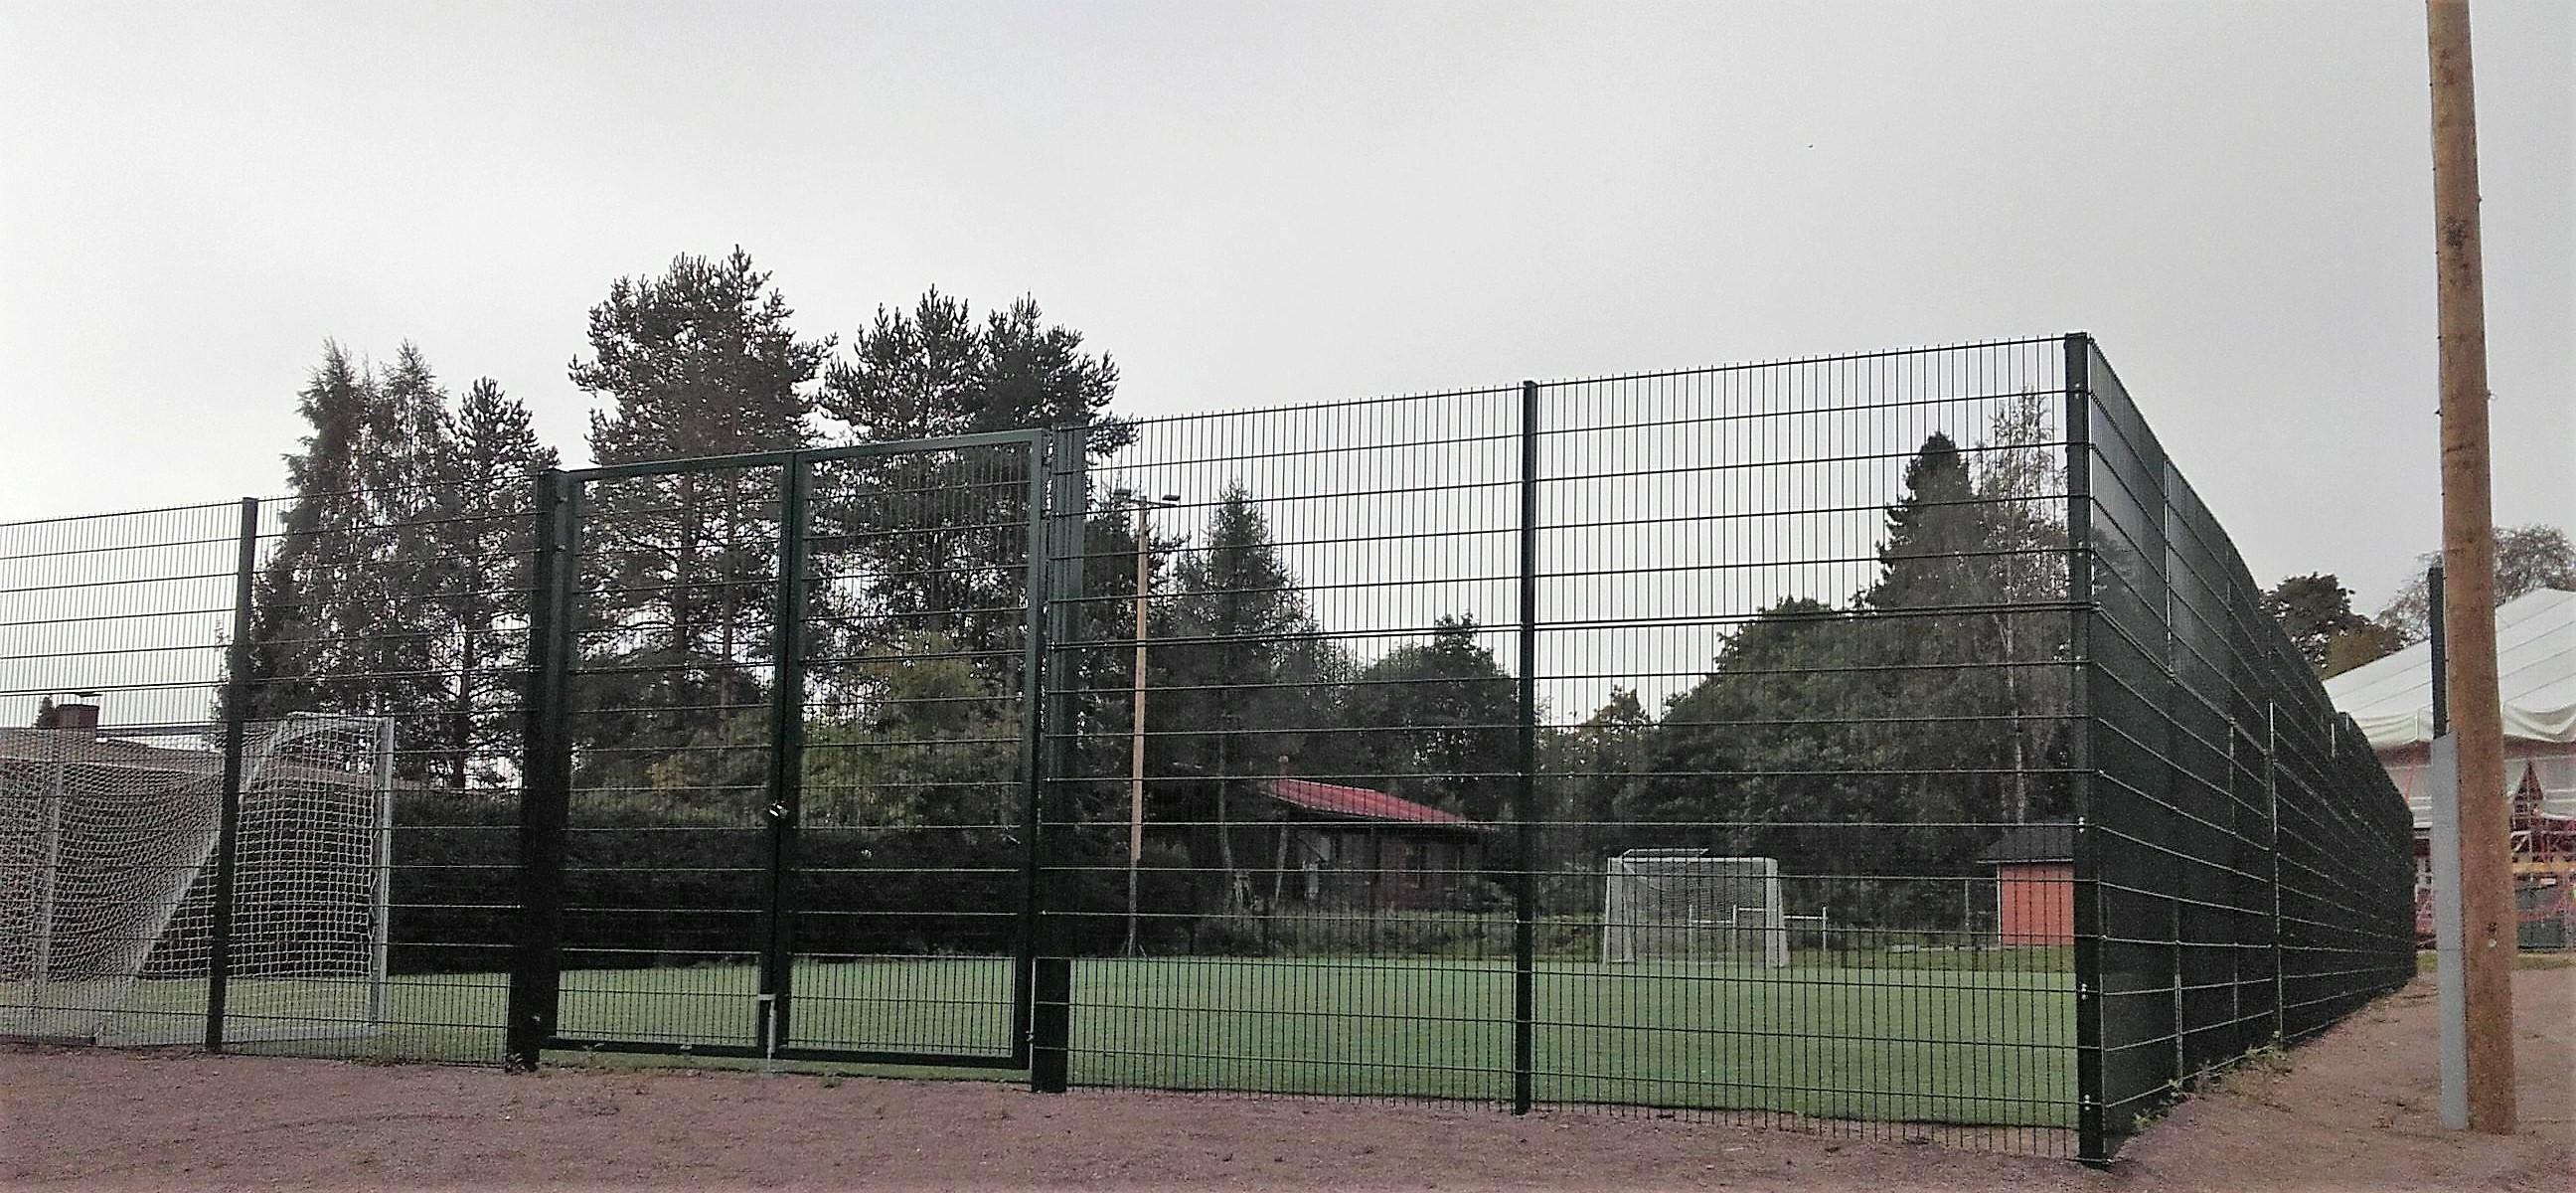 Korkealla metalliverkkoaidalla aidattu tekonurmikenttä. kentällä kaksi jalkapallomaalia.